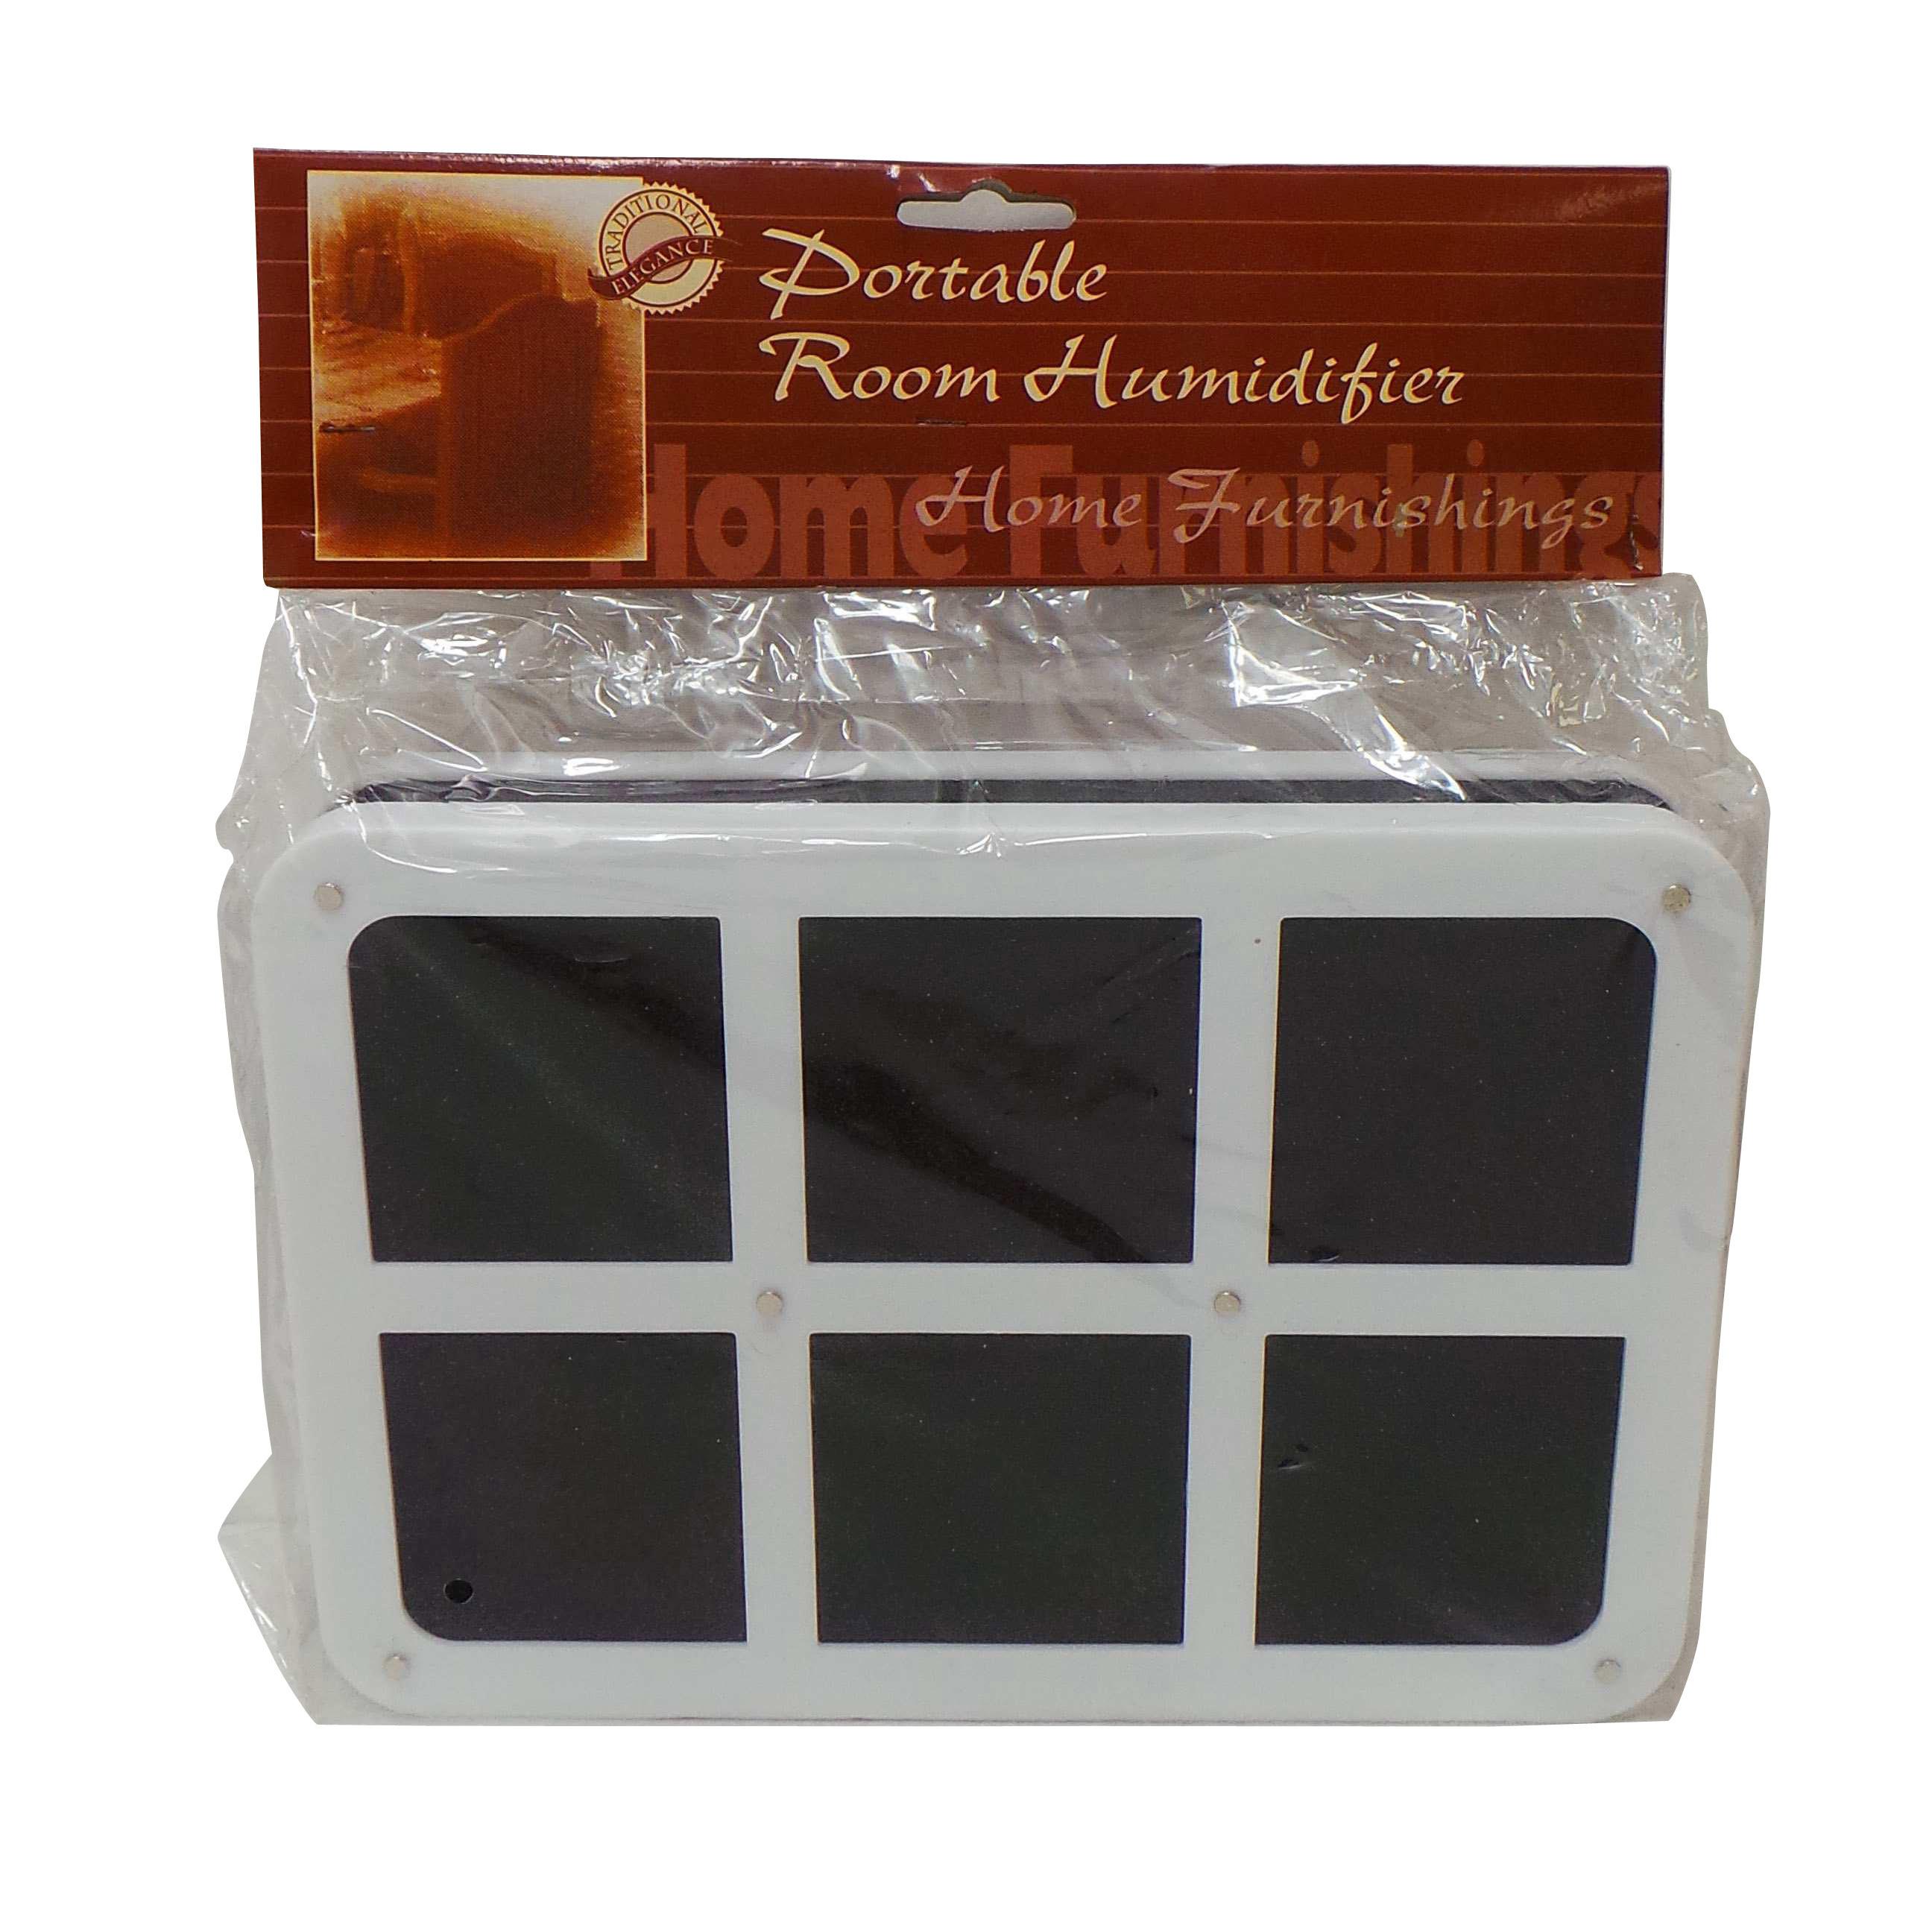 Joblot of 72 Kleeneze Portable Room Humidifiers Stops Air Discomfort #692410